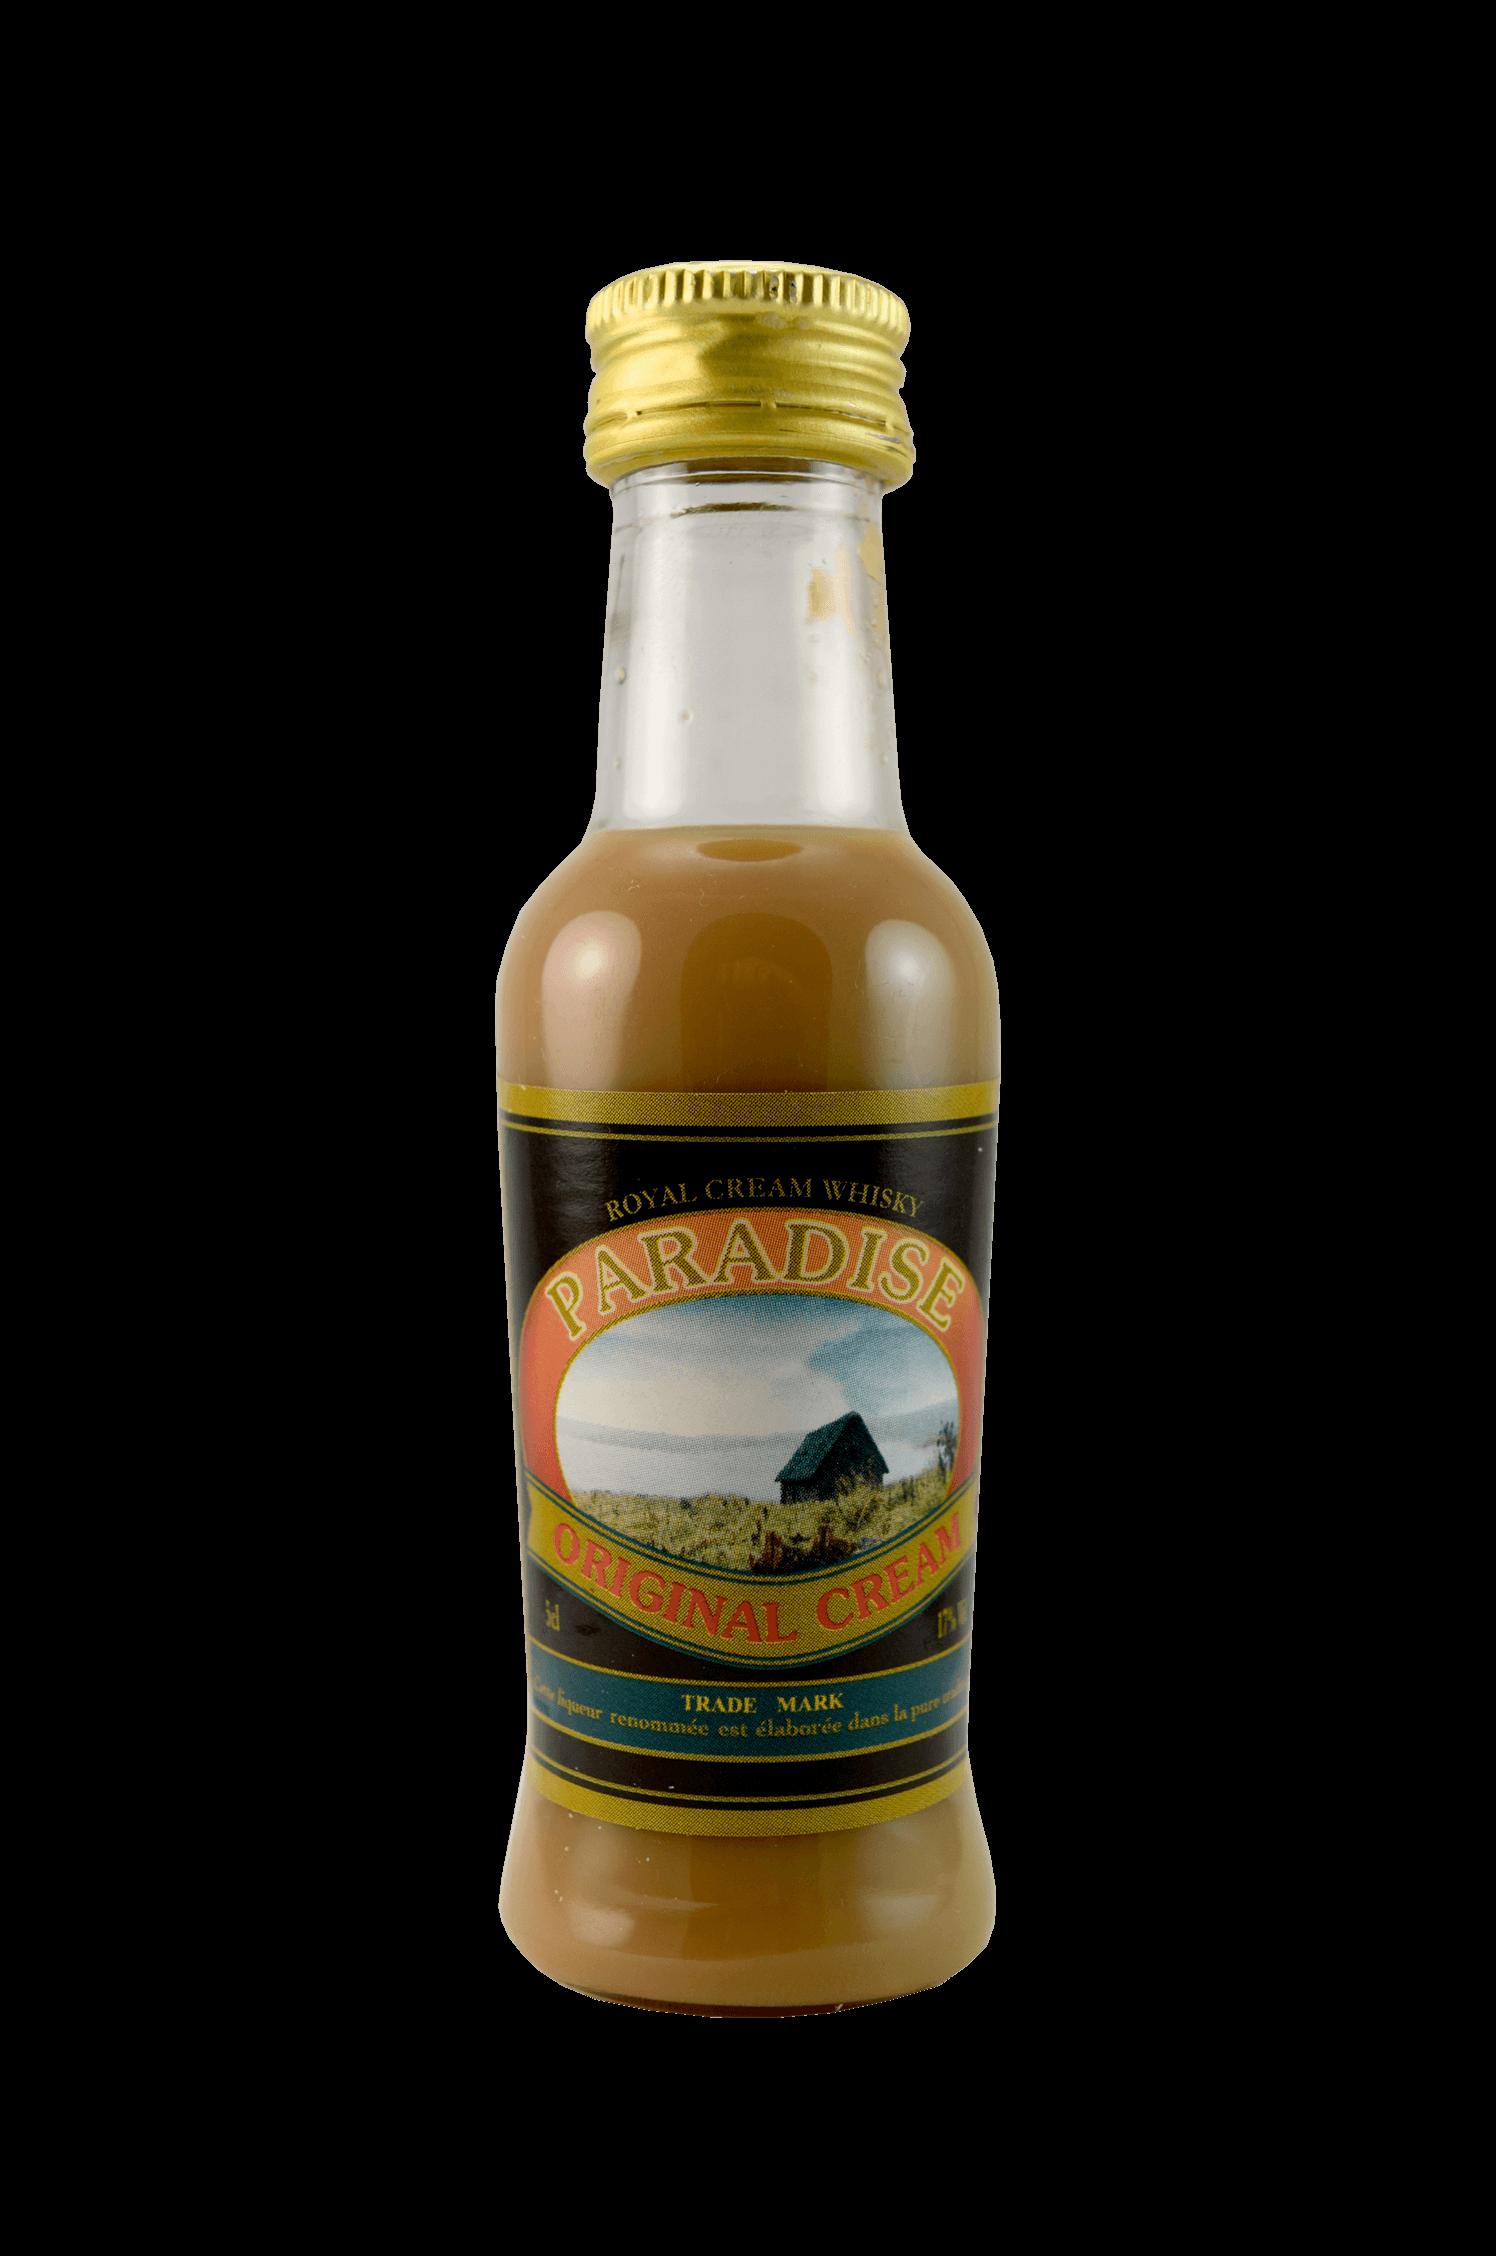 Paradise Original Cream